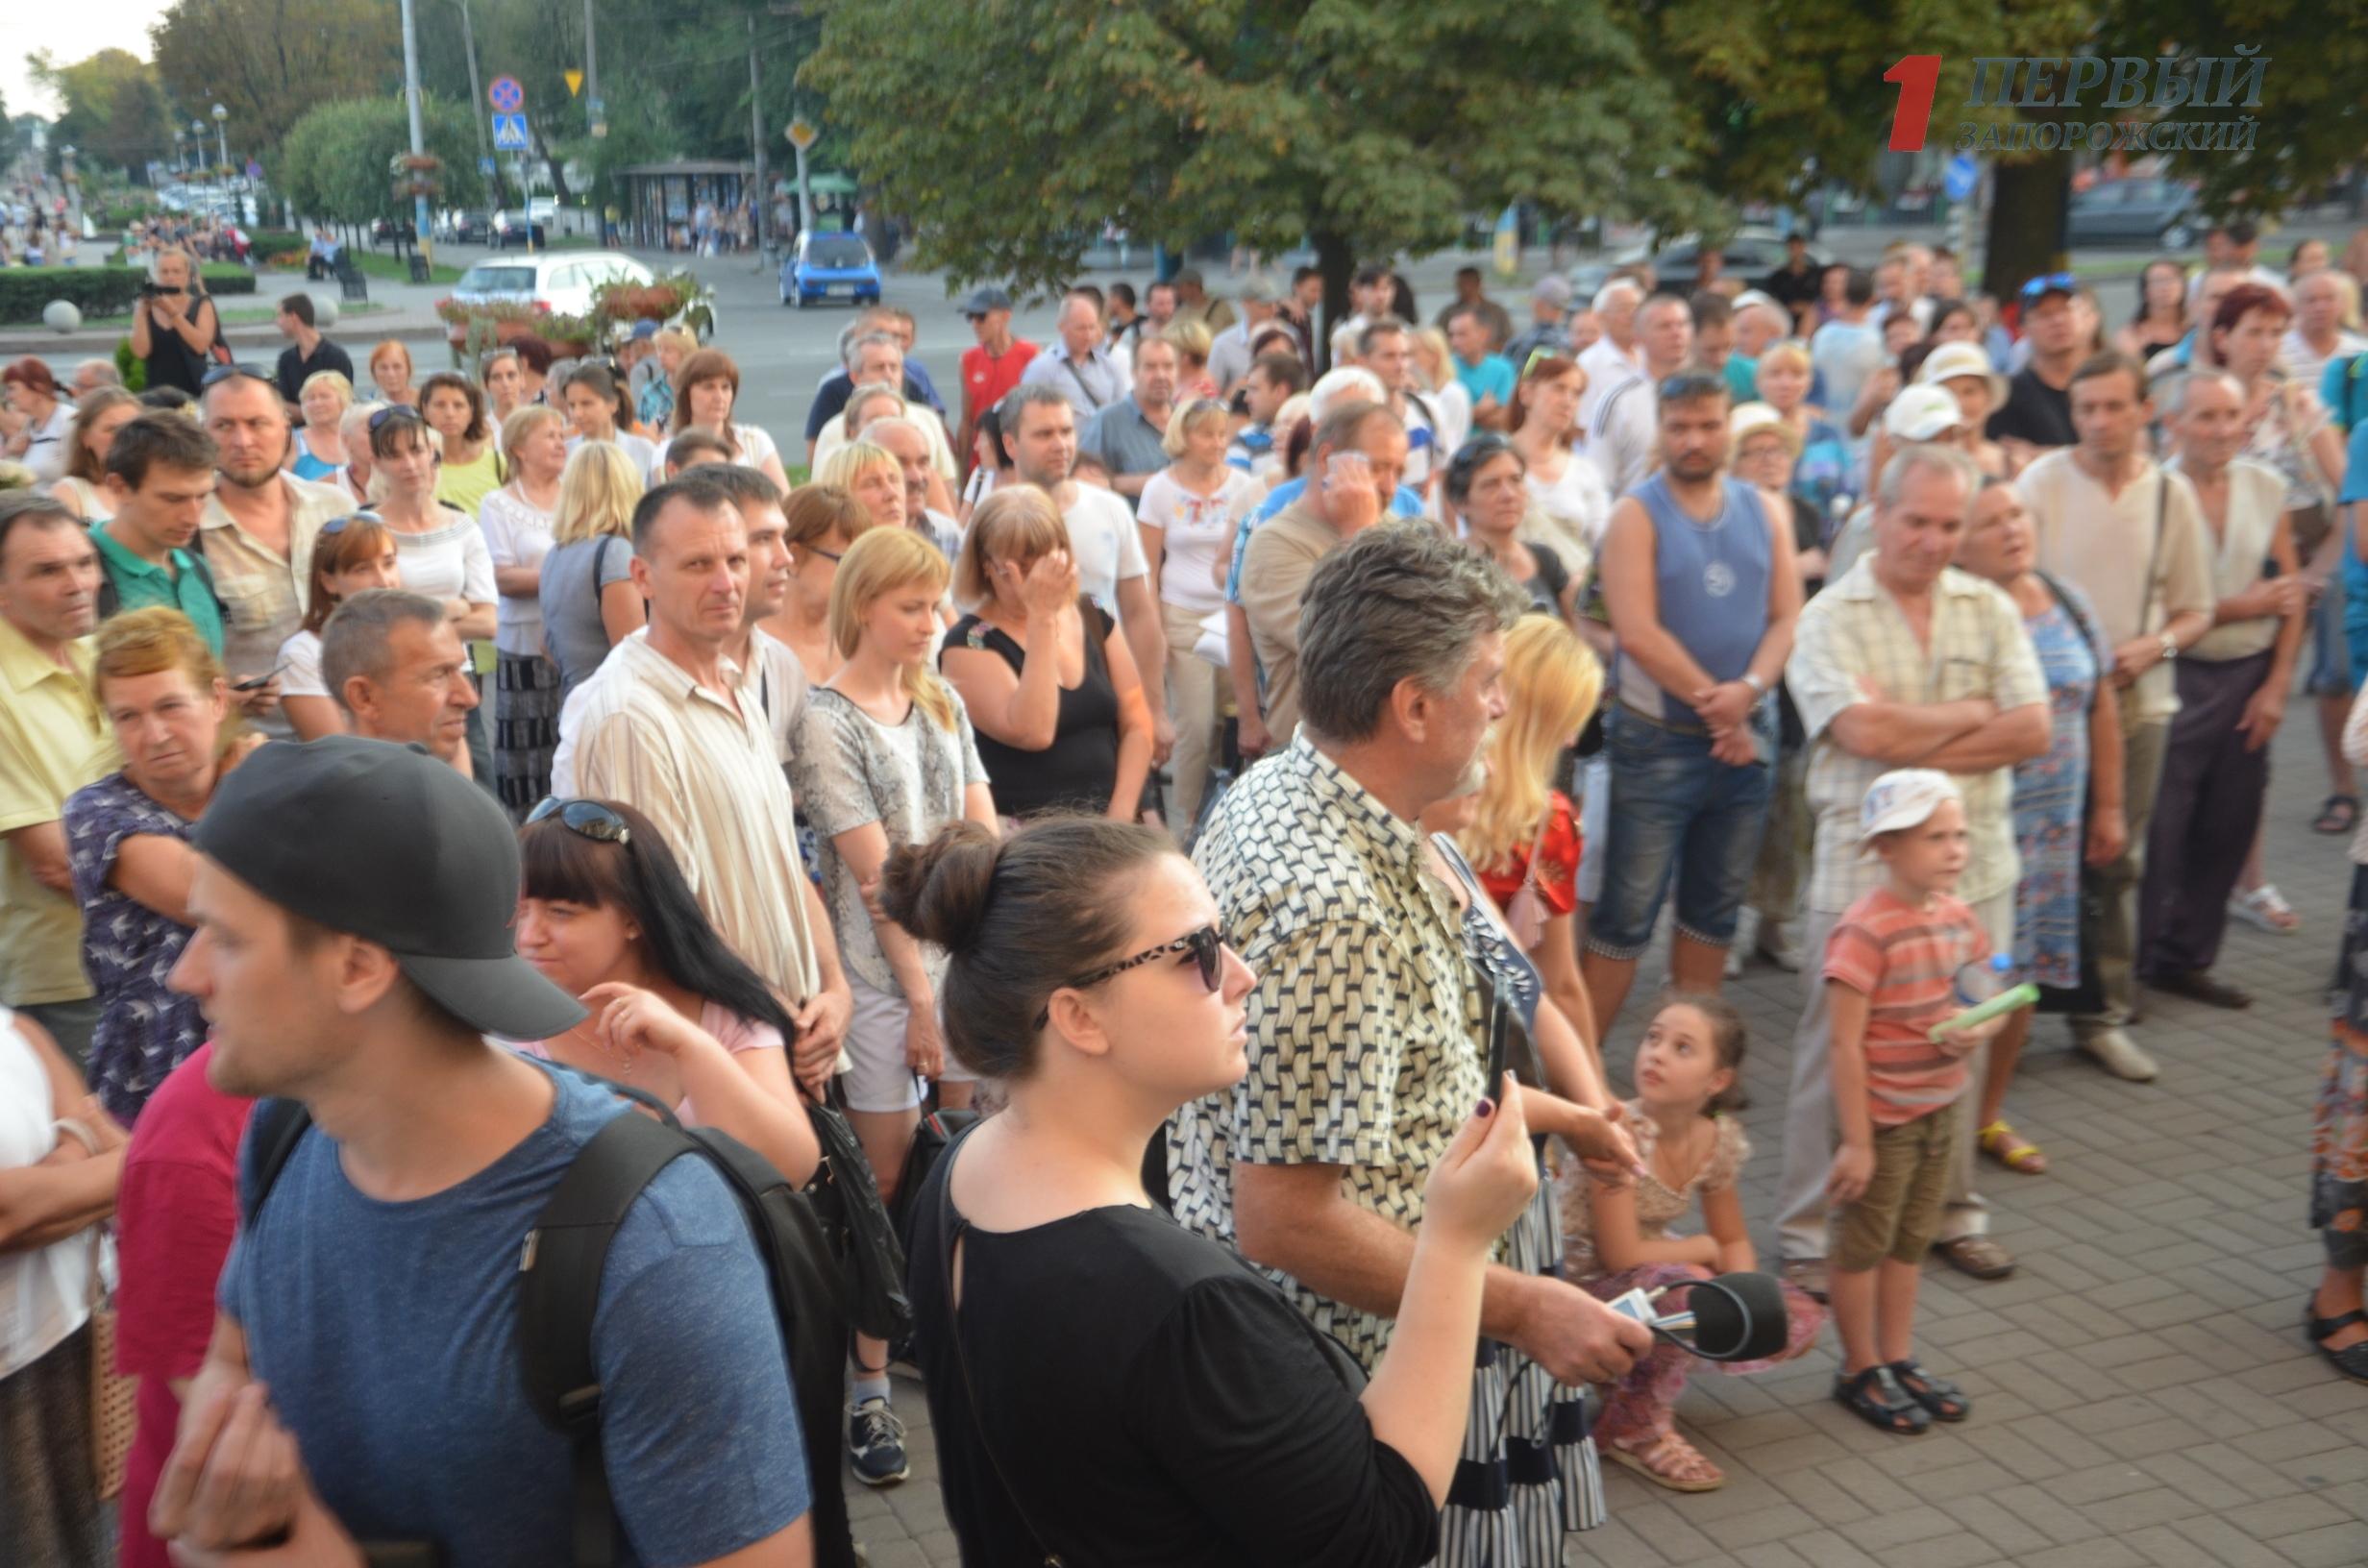 В Запорожье под стенами мэрии проходит митинг: участники требуют разорвать договор аренды земли с Кальцевым - ФОТО, ВИДЕО